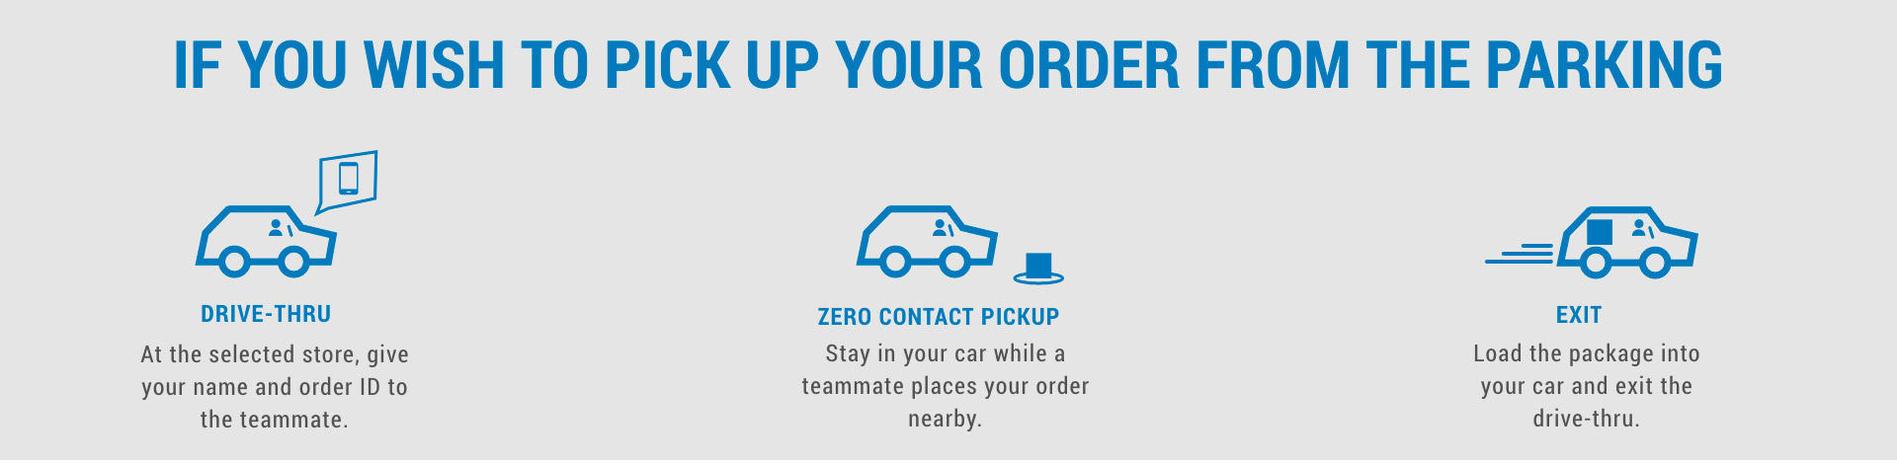 Decathlon Drive thru Stores details, decathlon drive thru pick up from parking